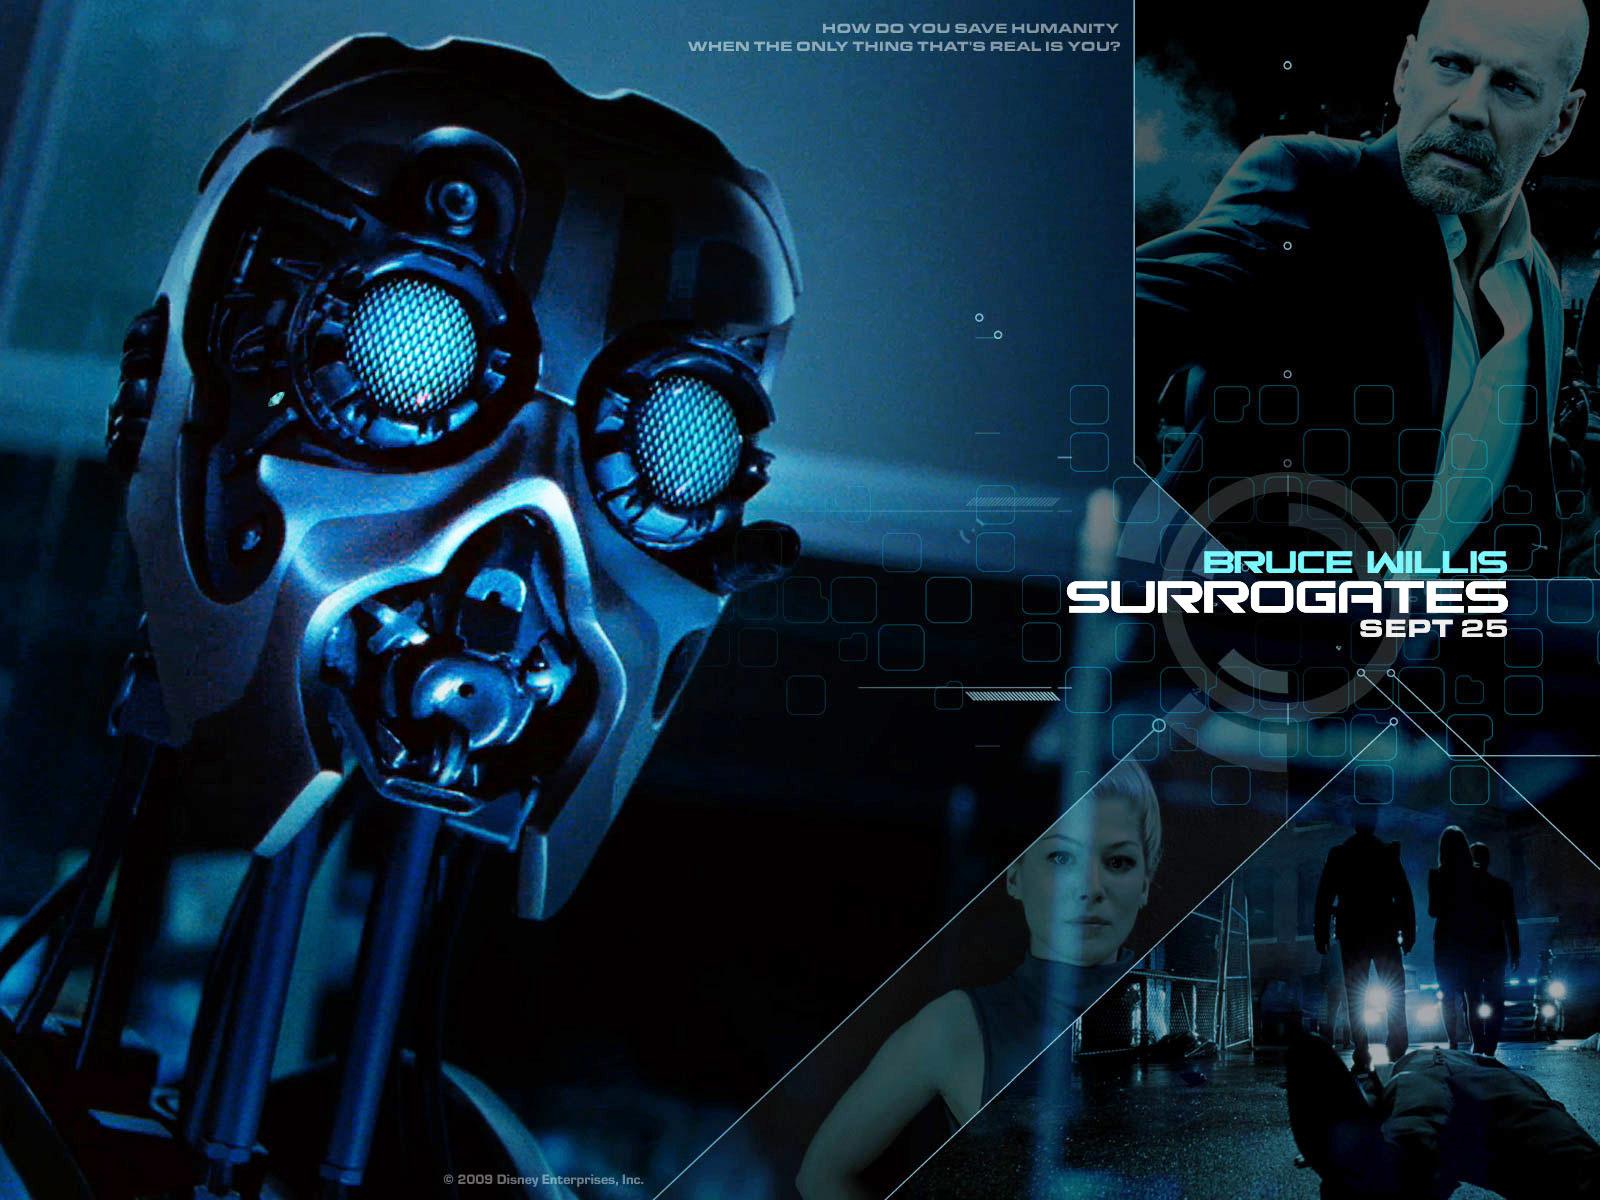 Surrogates-surrogates-32346618-1600-1200